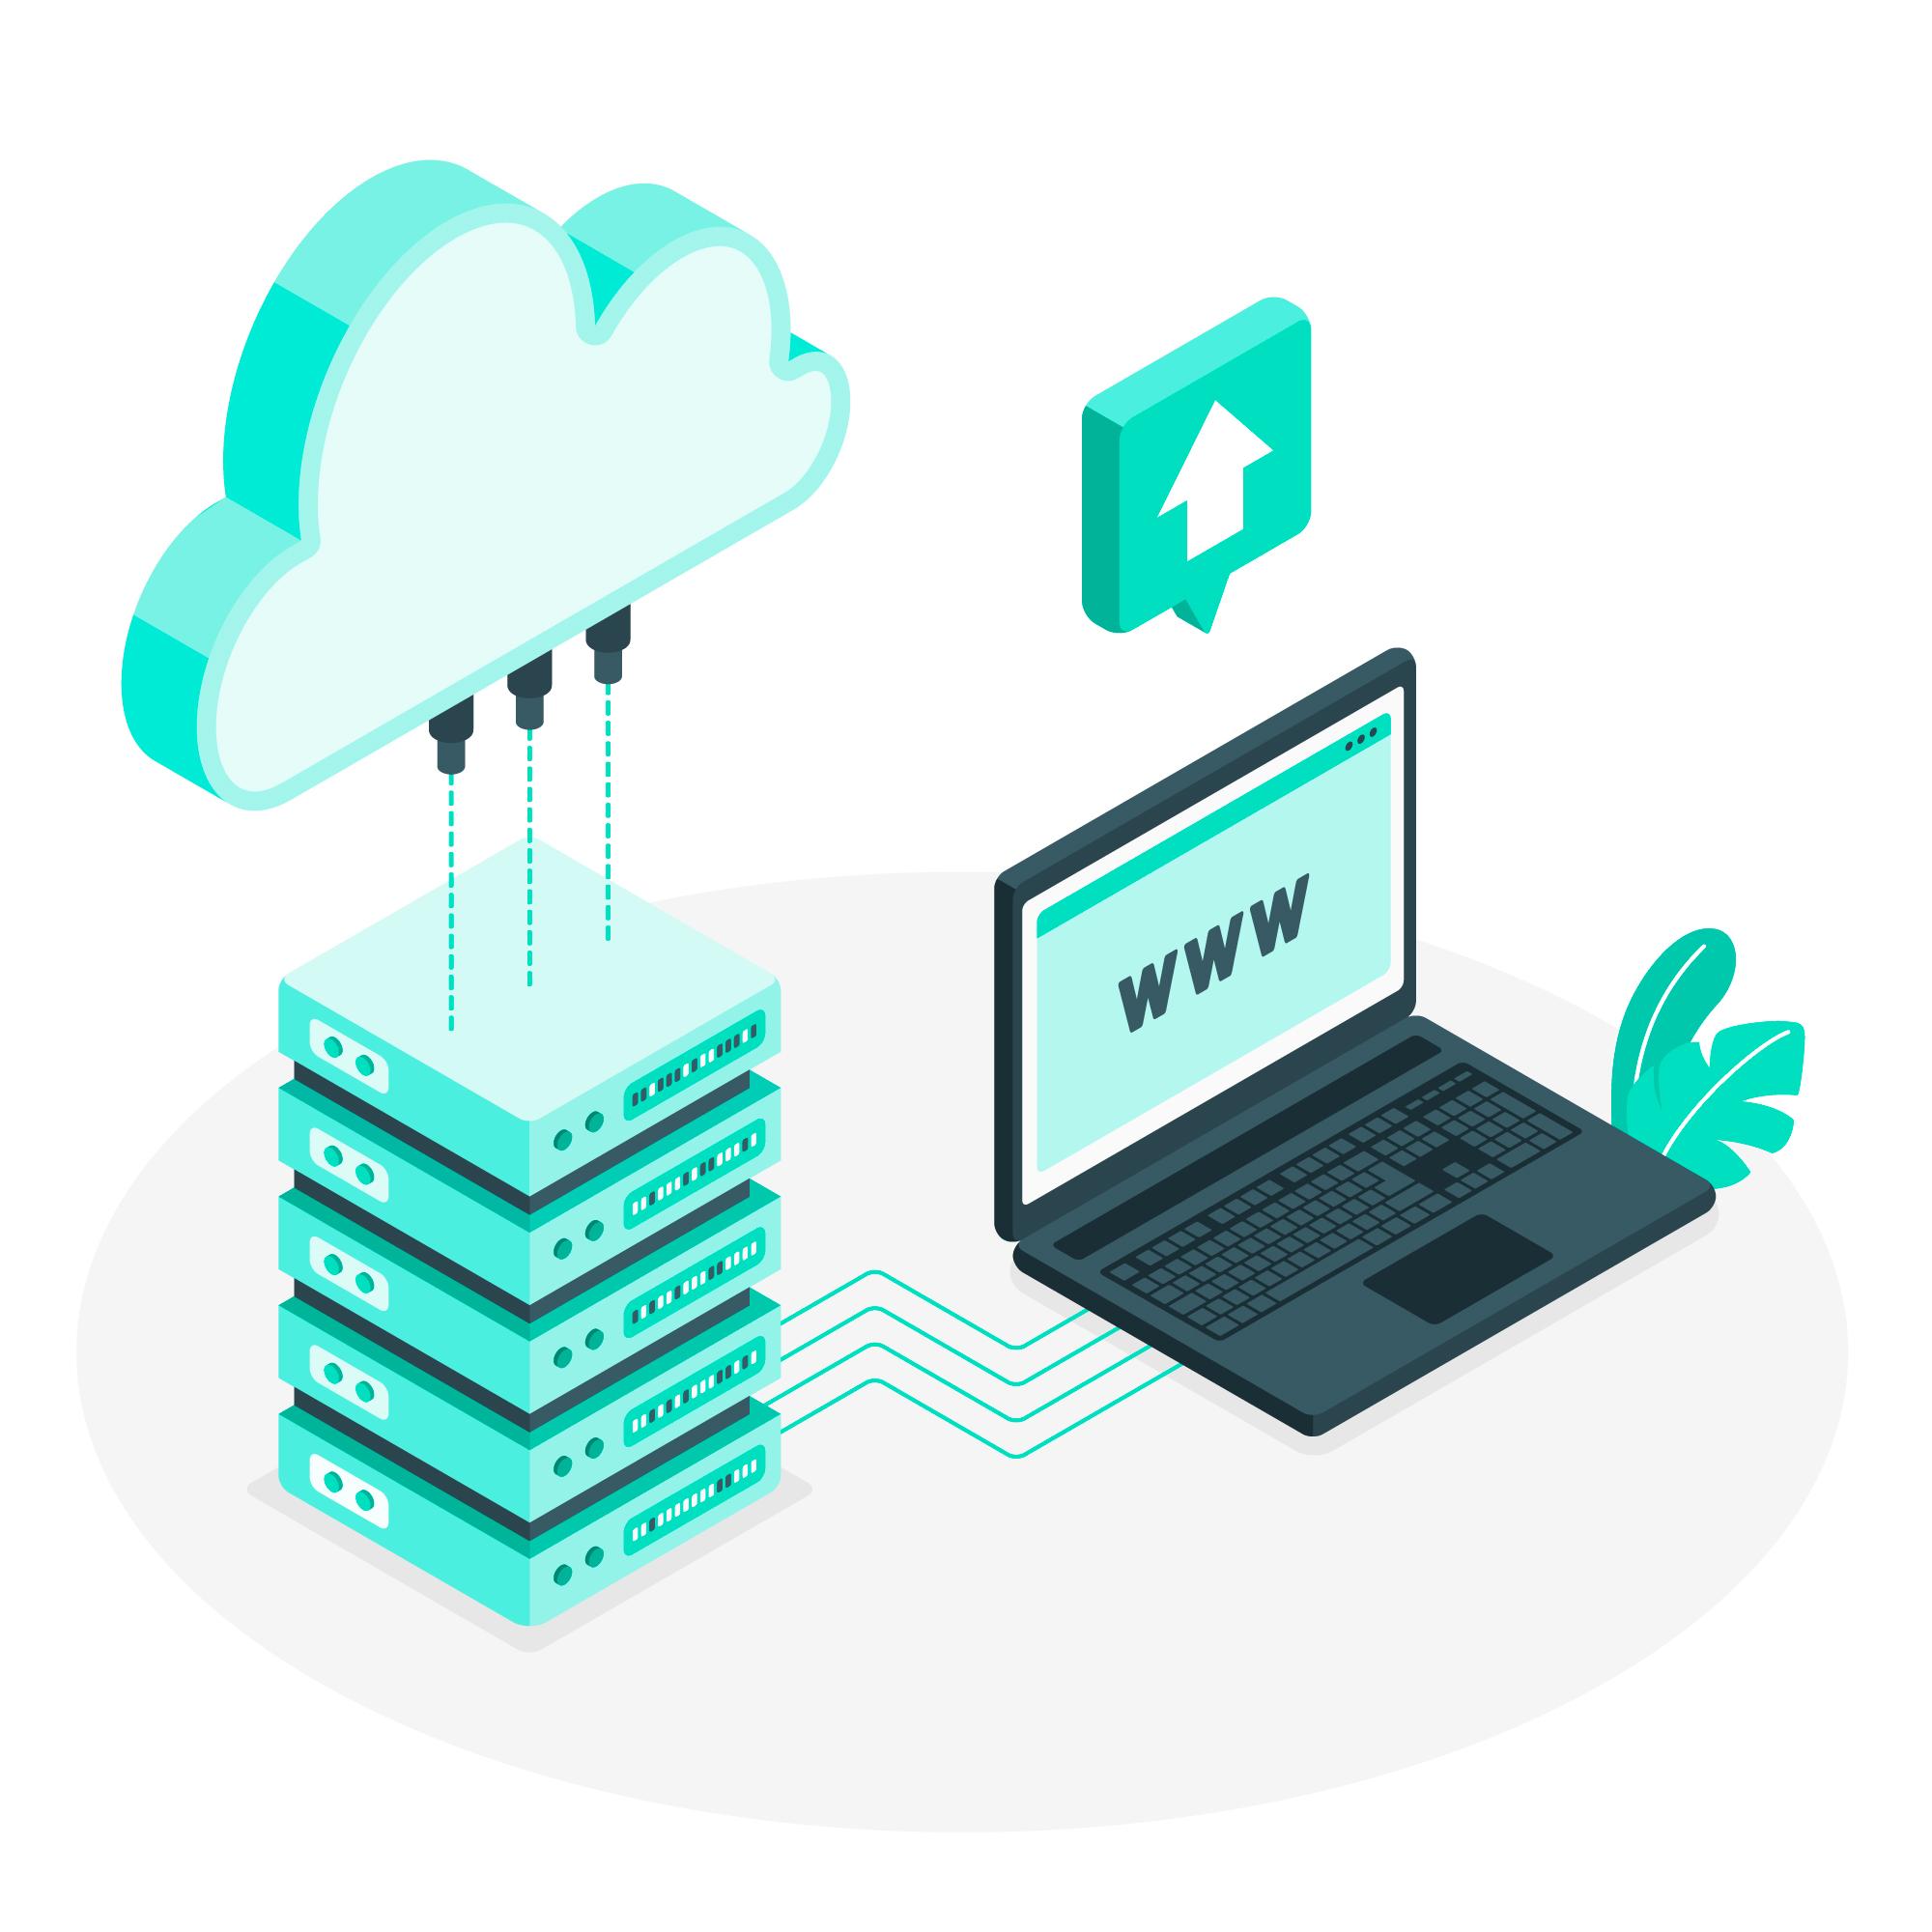 soluzione cloud backup dei dati presenti sul pc